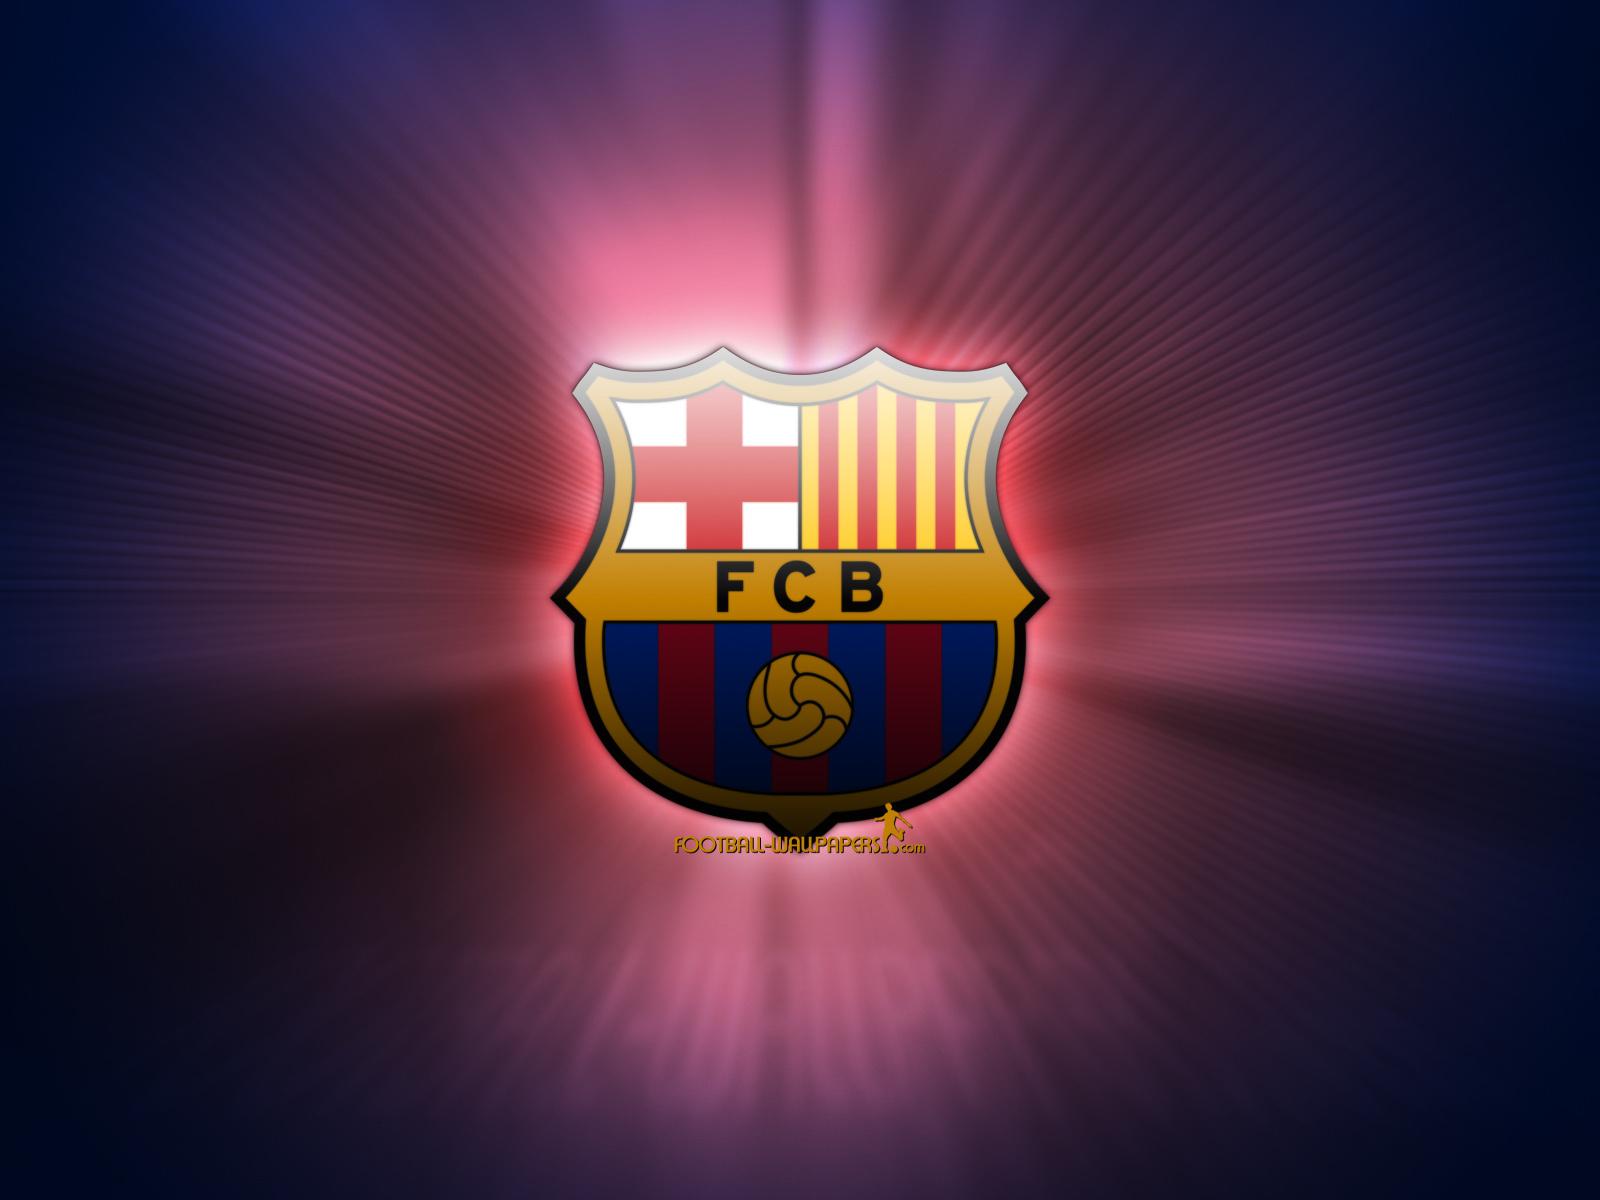 Скачать картинку Футбол, Логотипы, Спорт в телефон бесплатно.